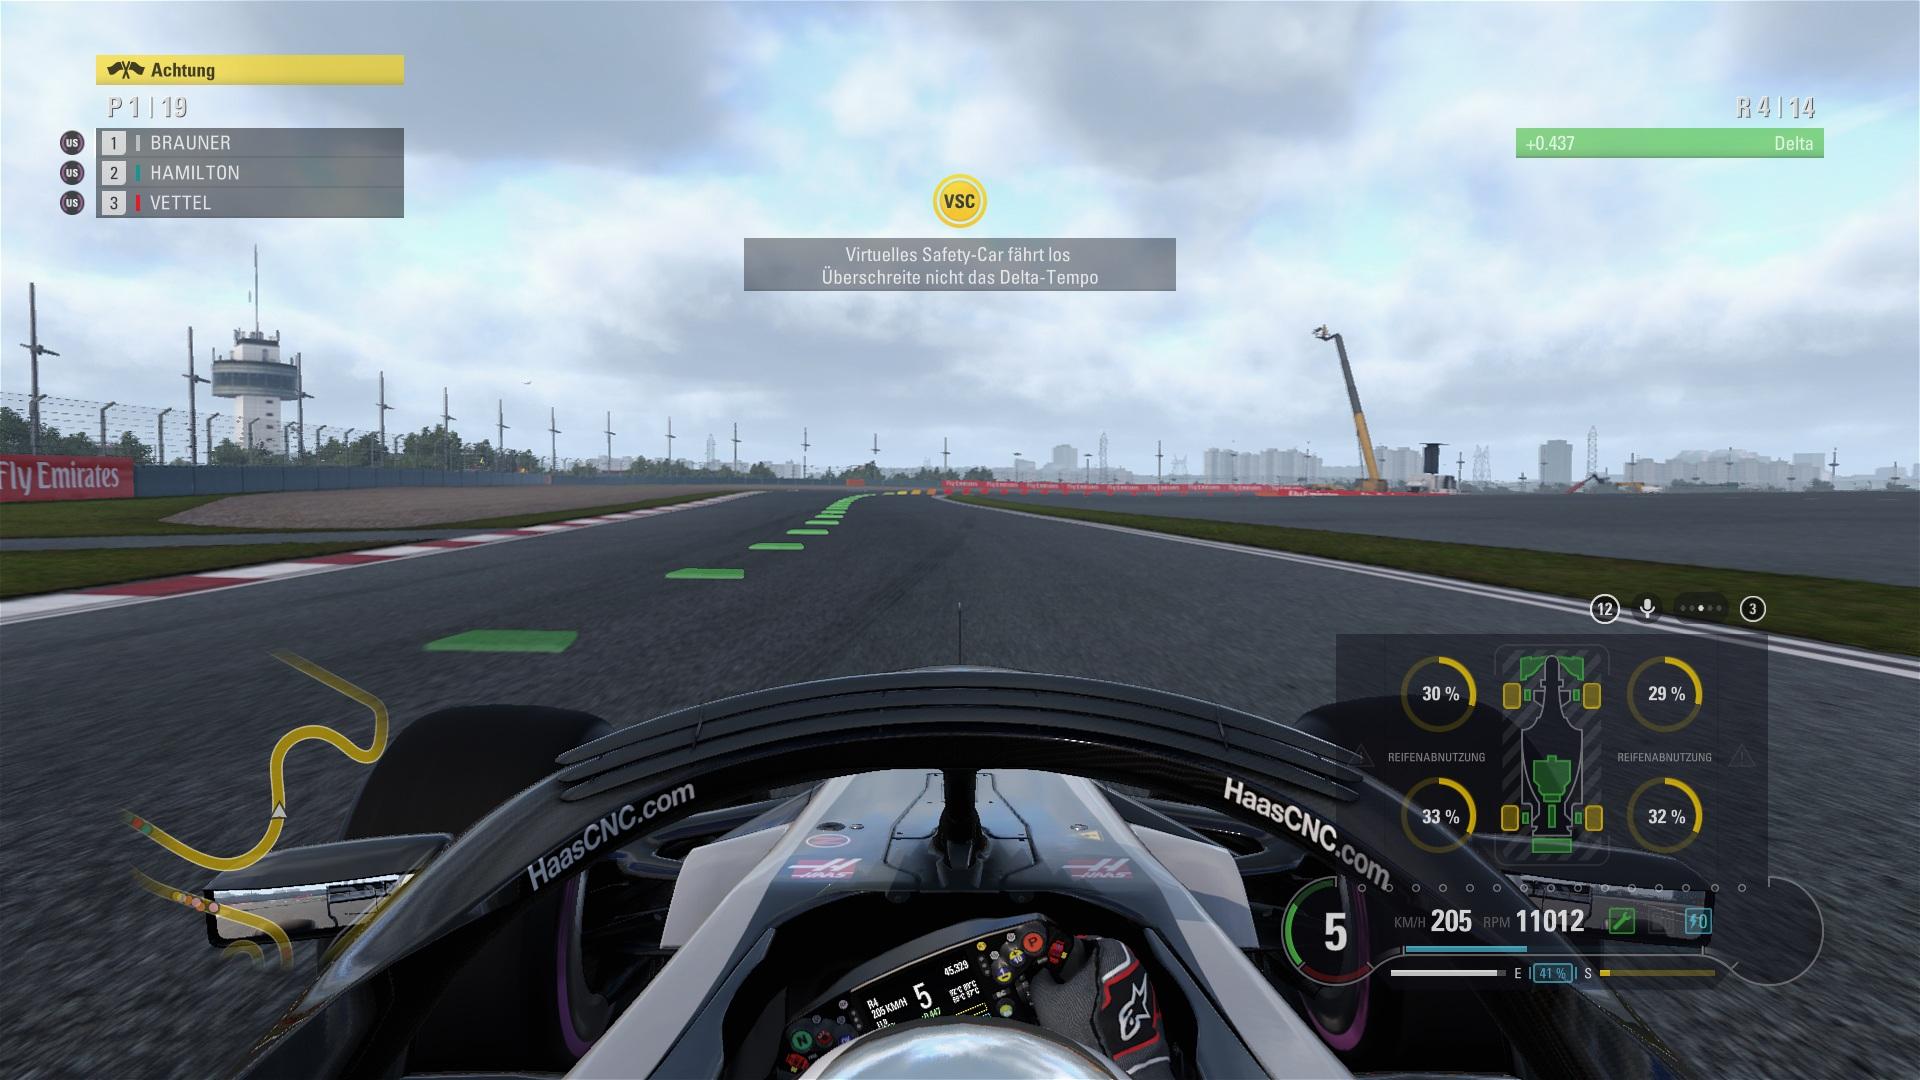 Beim Virtual Safety Car muss die Geschwindigkeit reduziert werden.